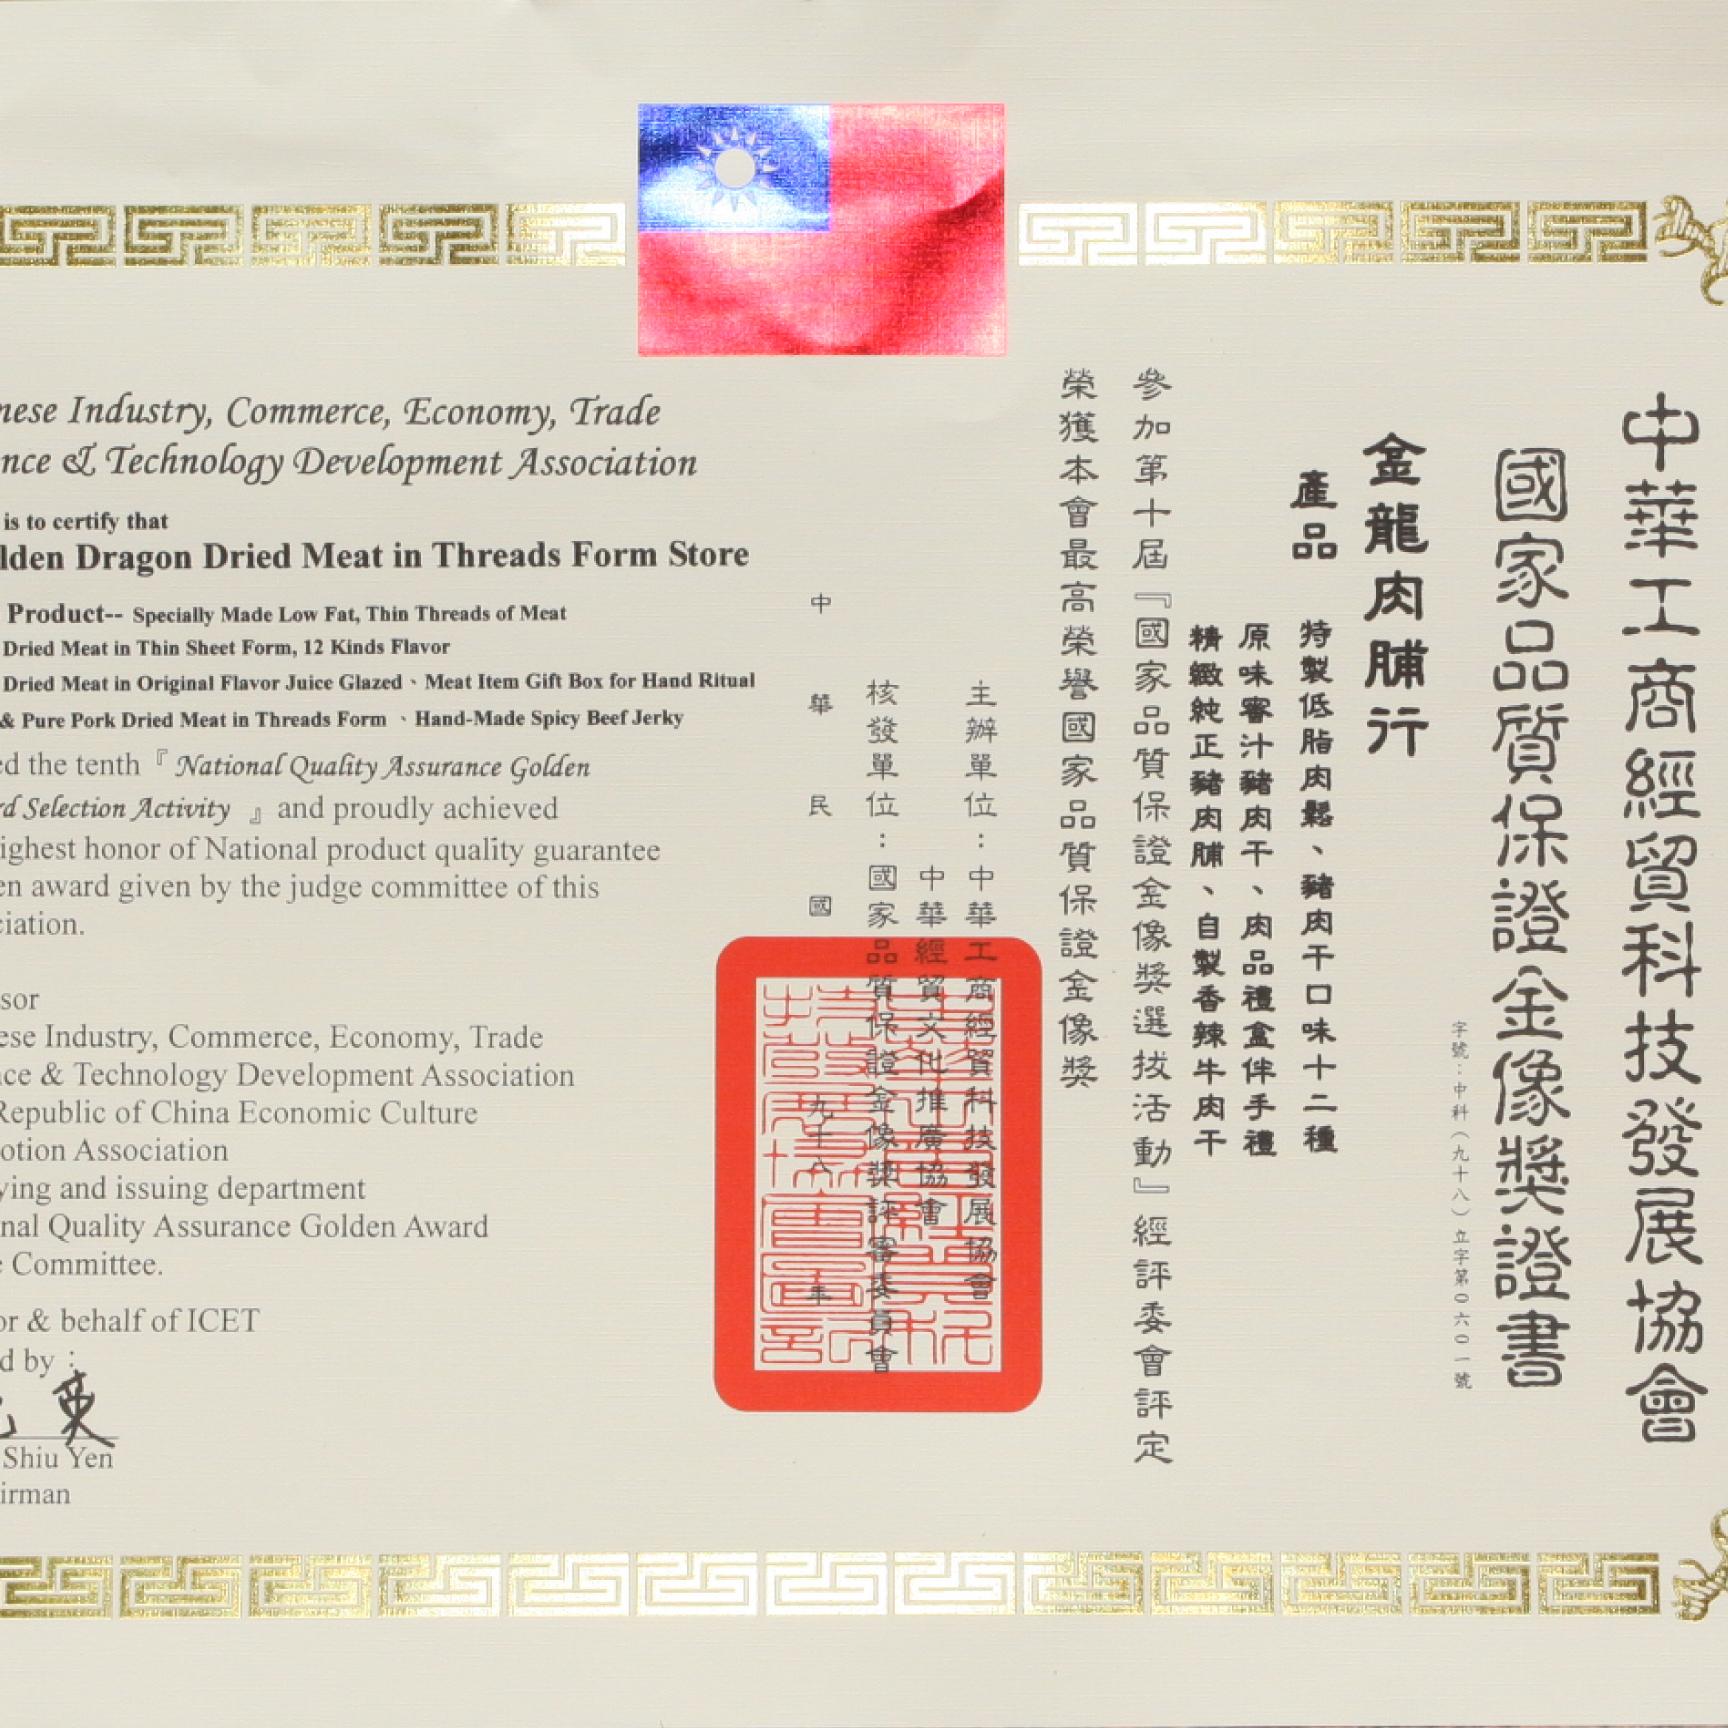 [金龍肉乾]54項肉乾產品榮獲國家品質保證金像獎認證